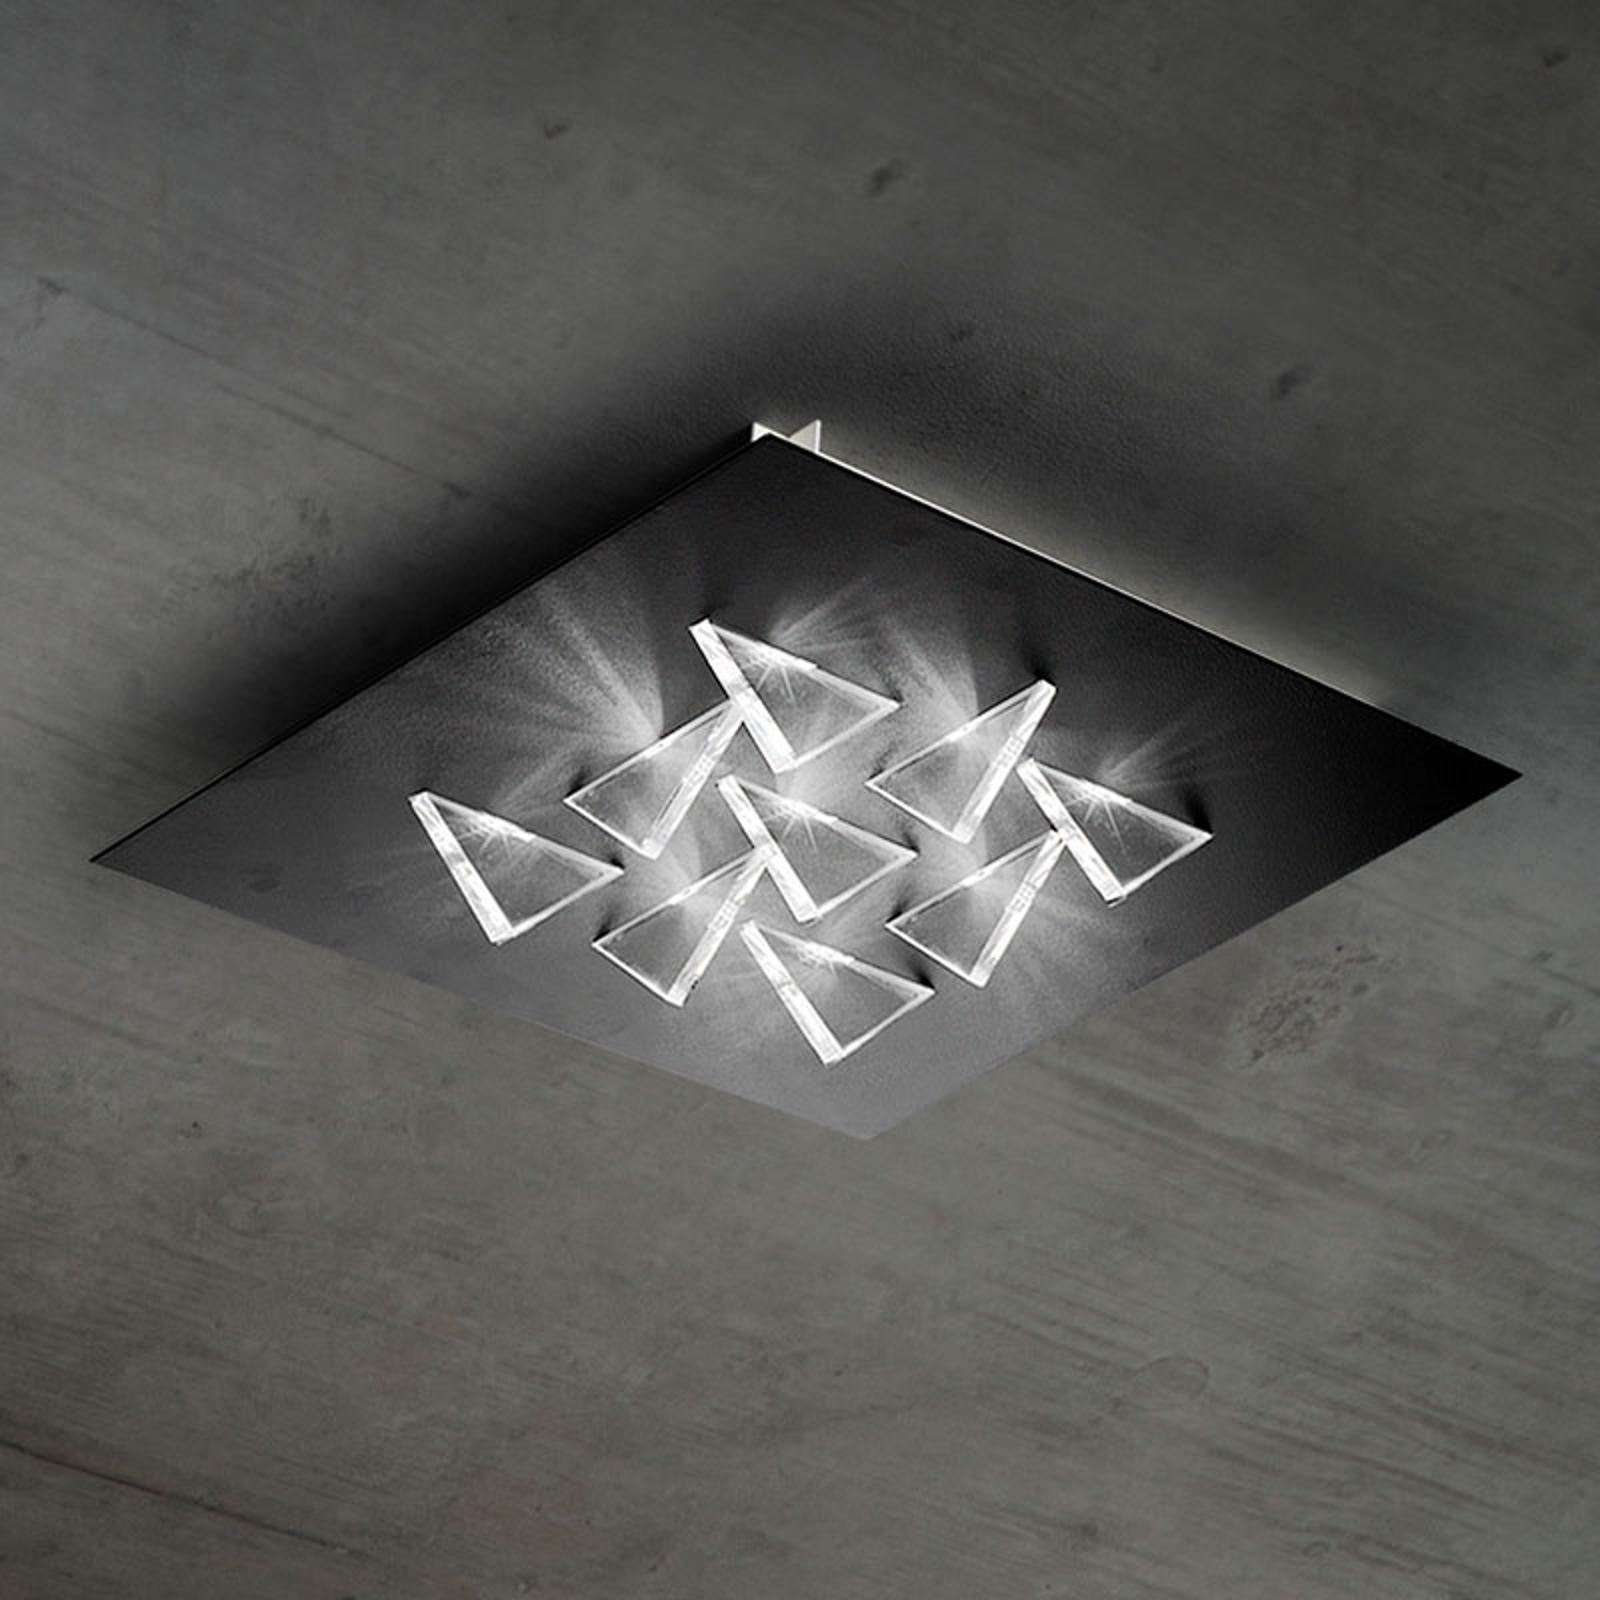 Effektfull LED-taklampe Cristalli